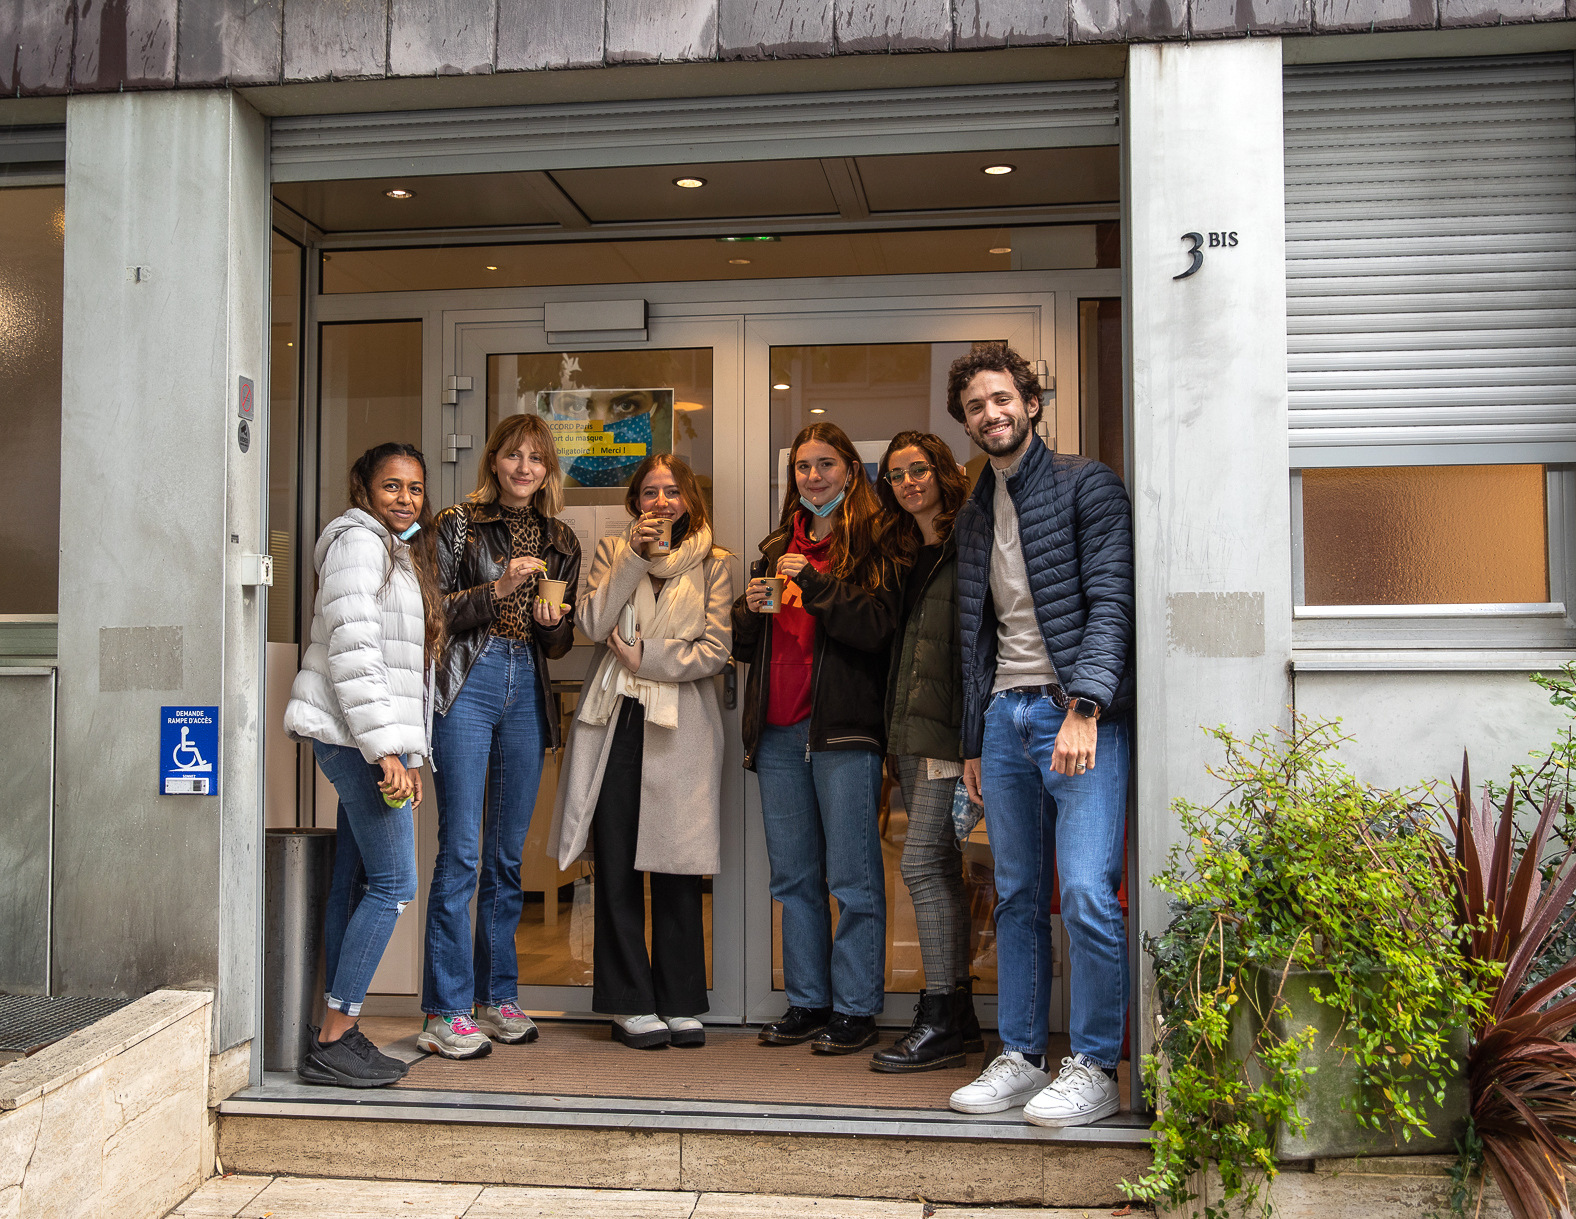 3bis rue Jean-Pierre Bloch, Paris